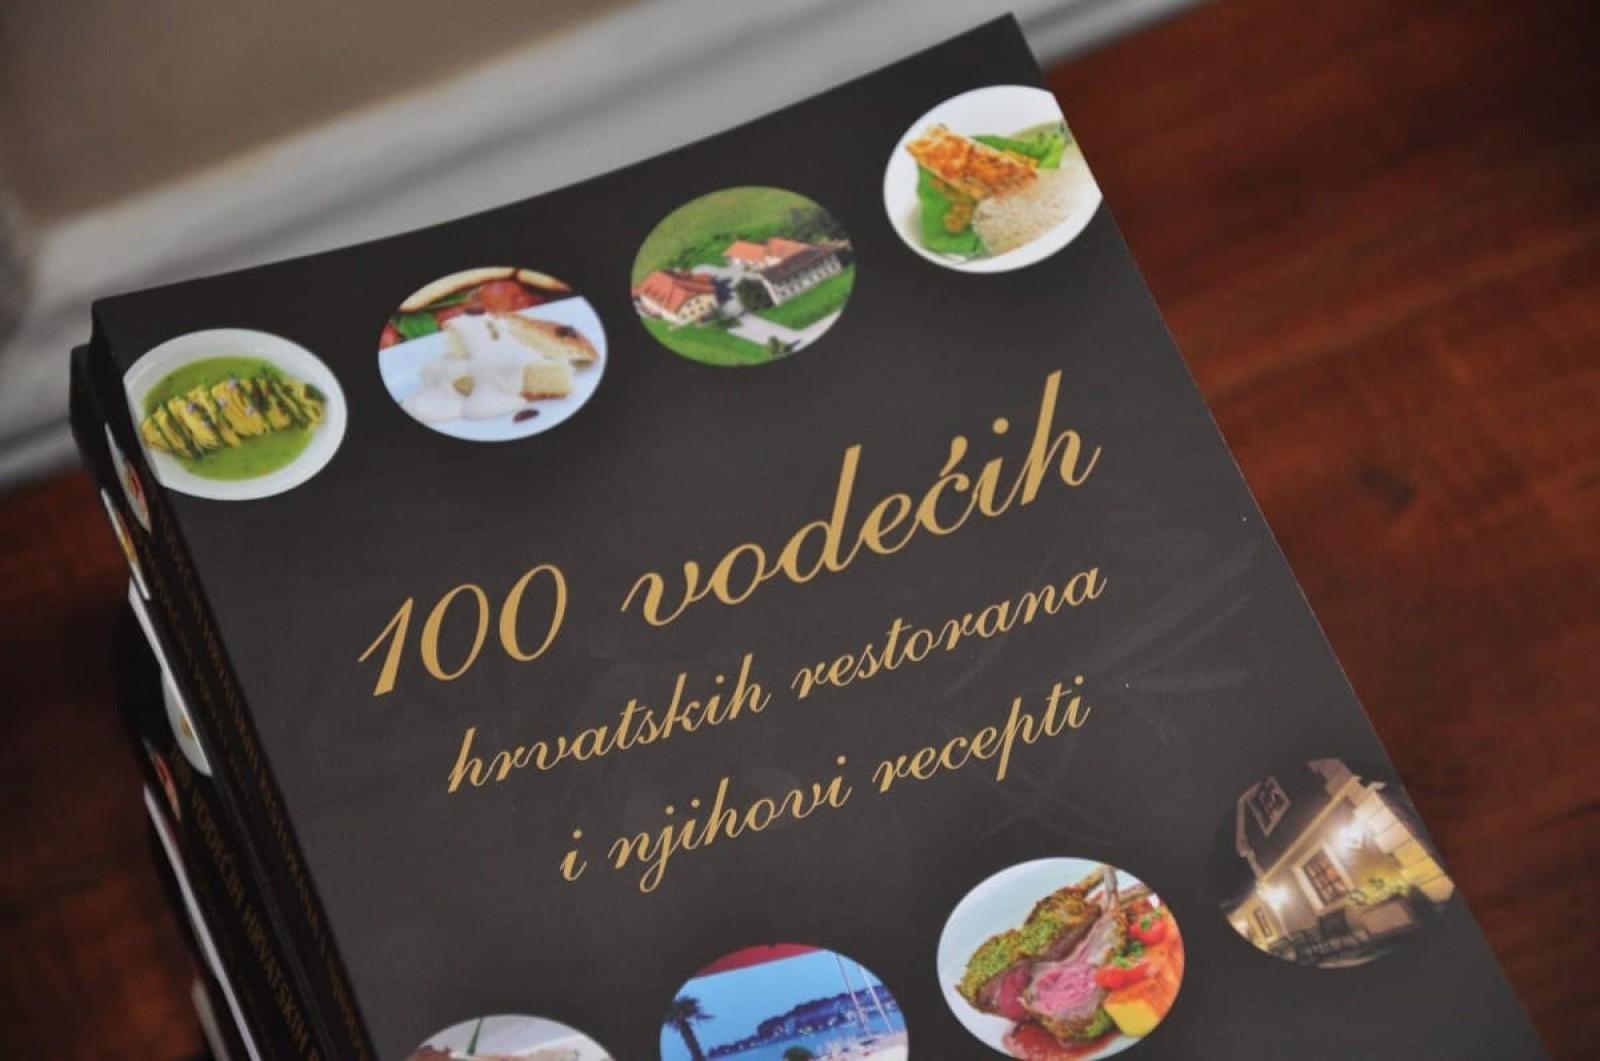 100 best restaurants in Croatian 2015